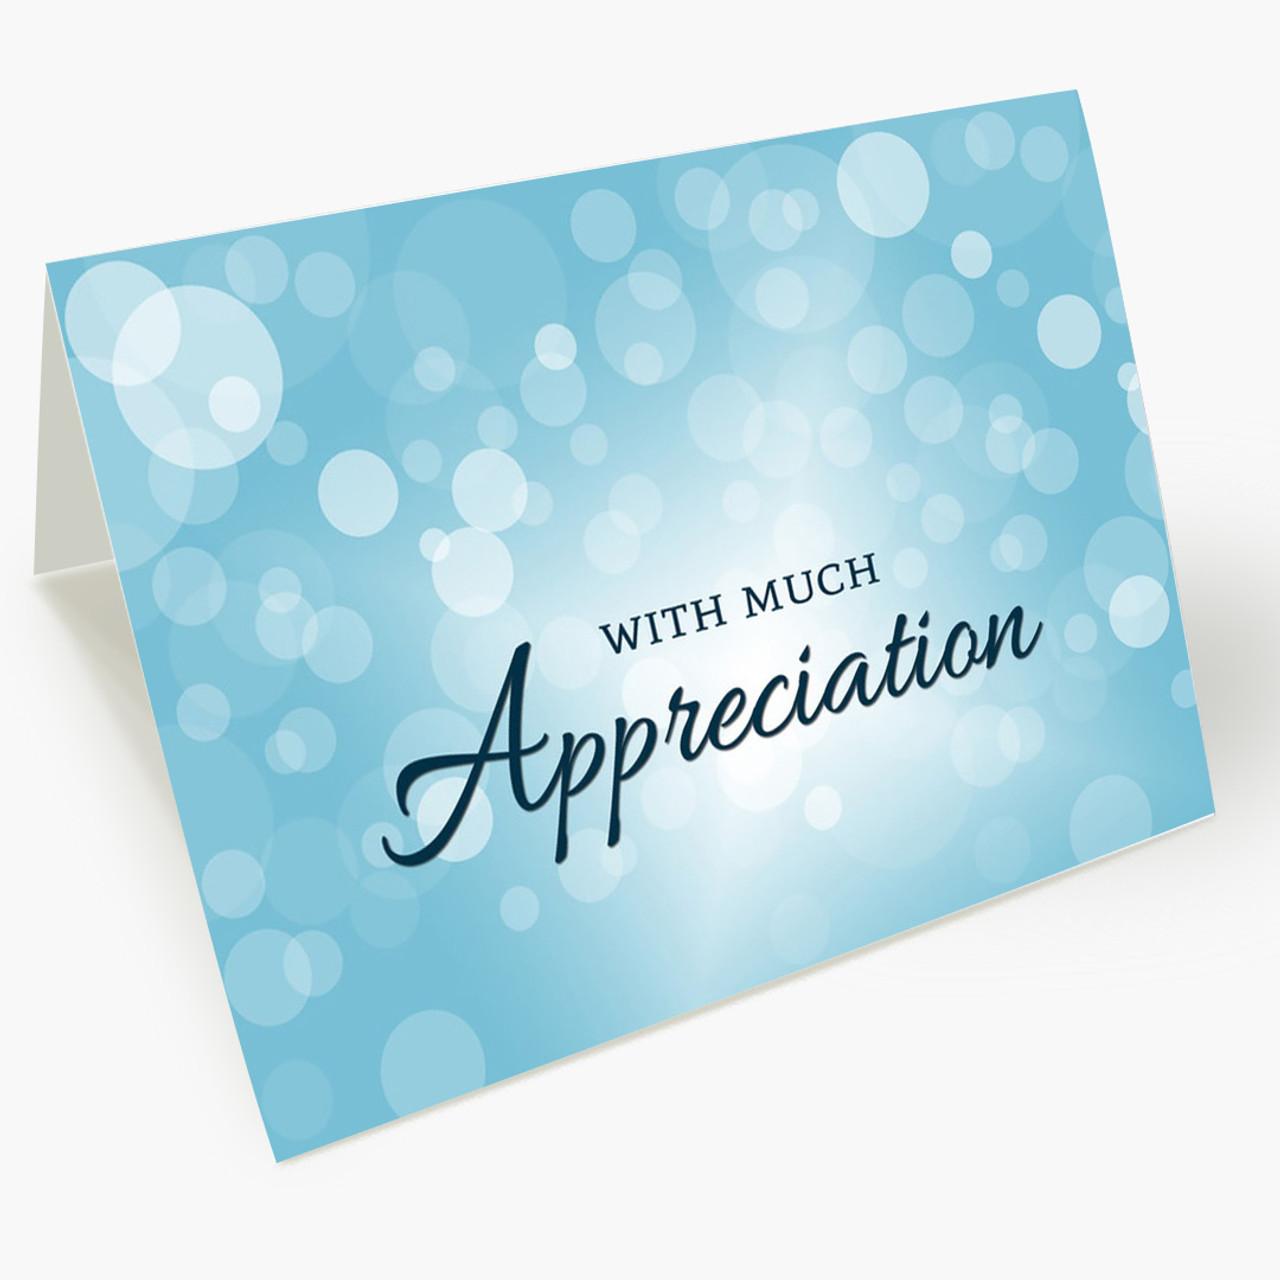 Appreciation Bubbles Thank You Card